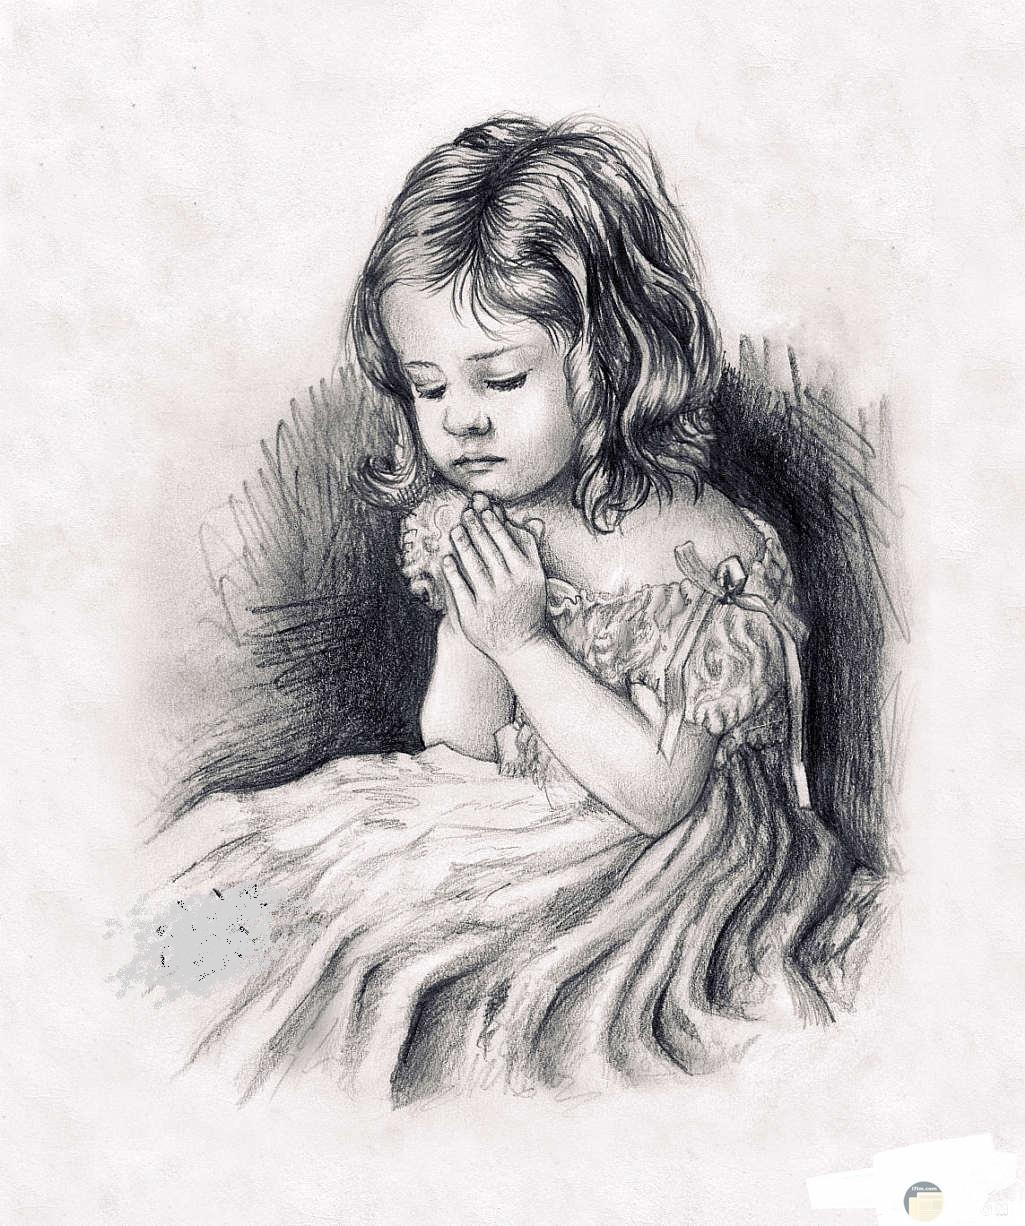 رسم بالفحم لفتاة تدعى.